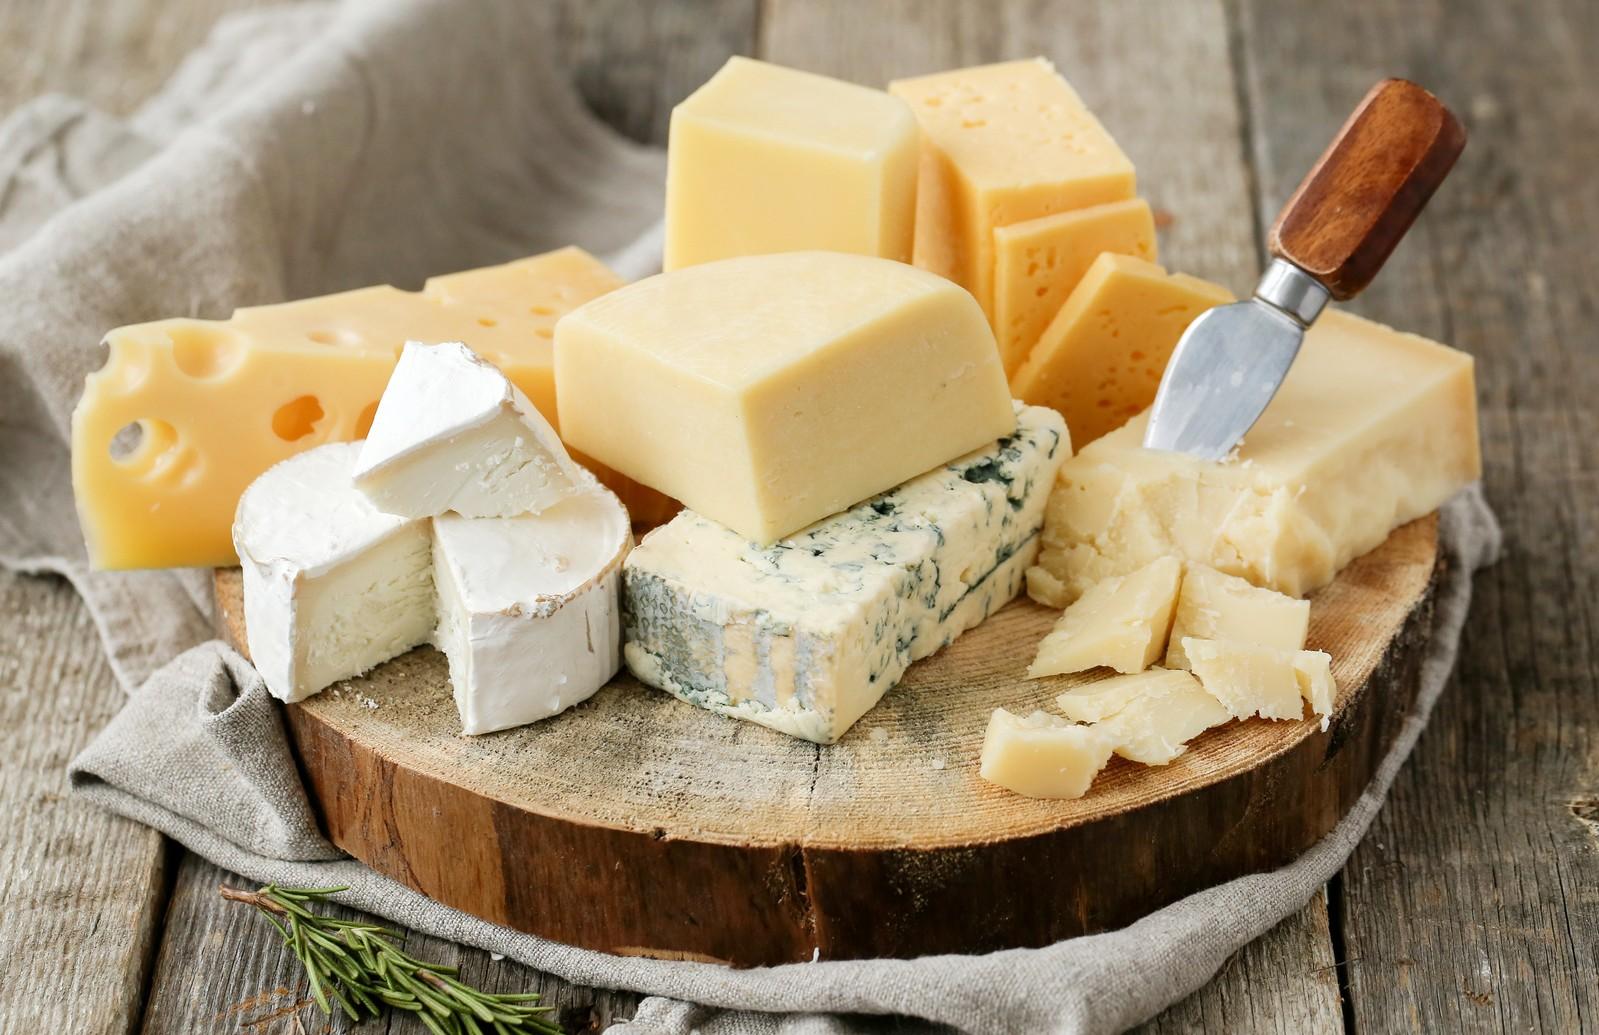 با انواع پنیر آشنا شوید  ترجمه اختصاصی